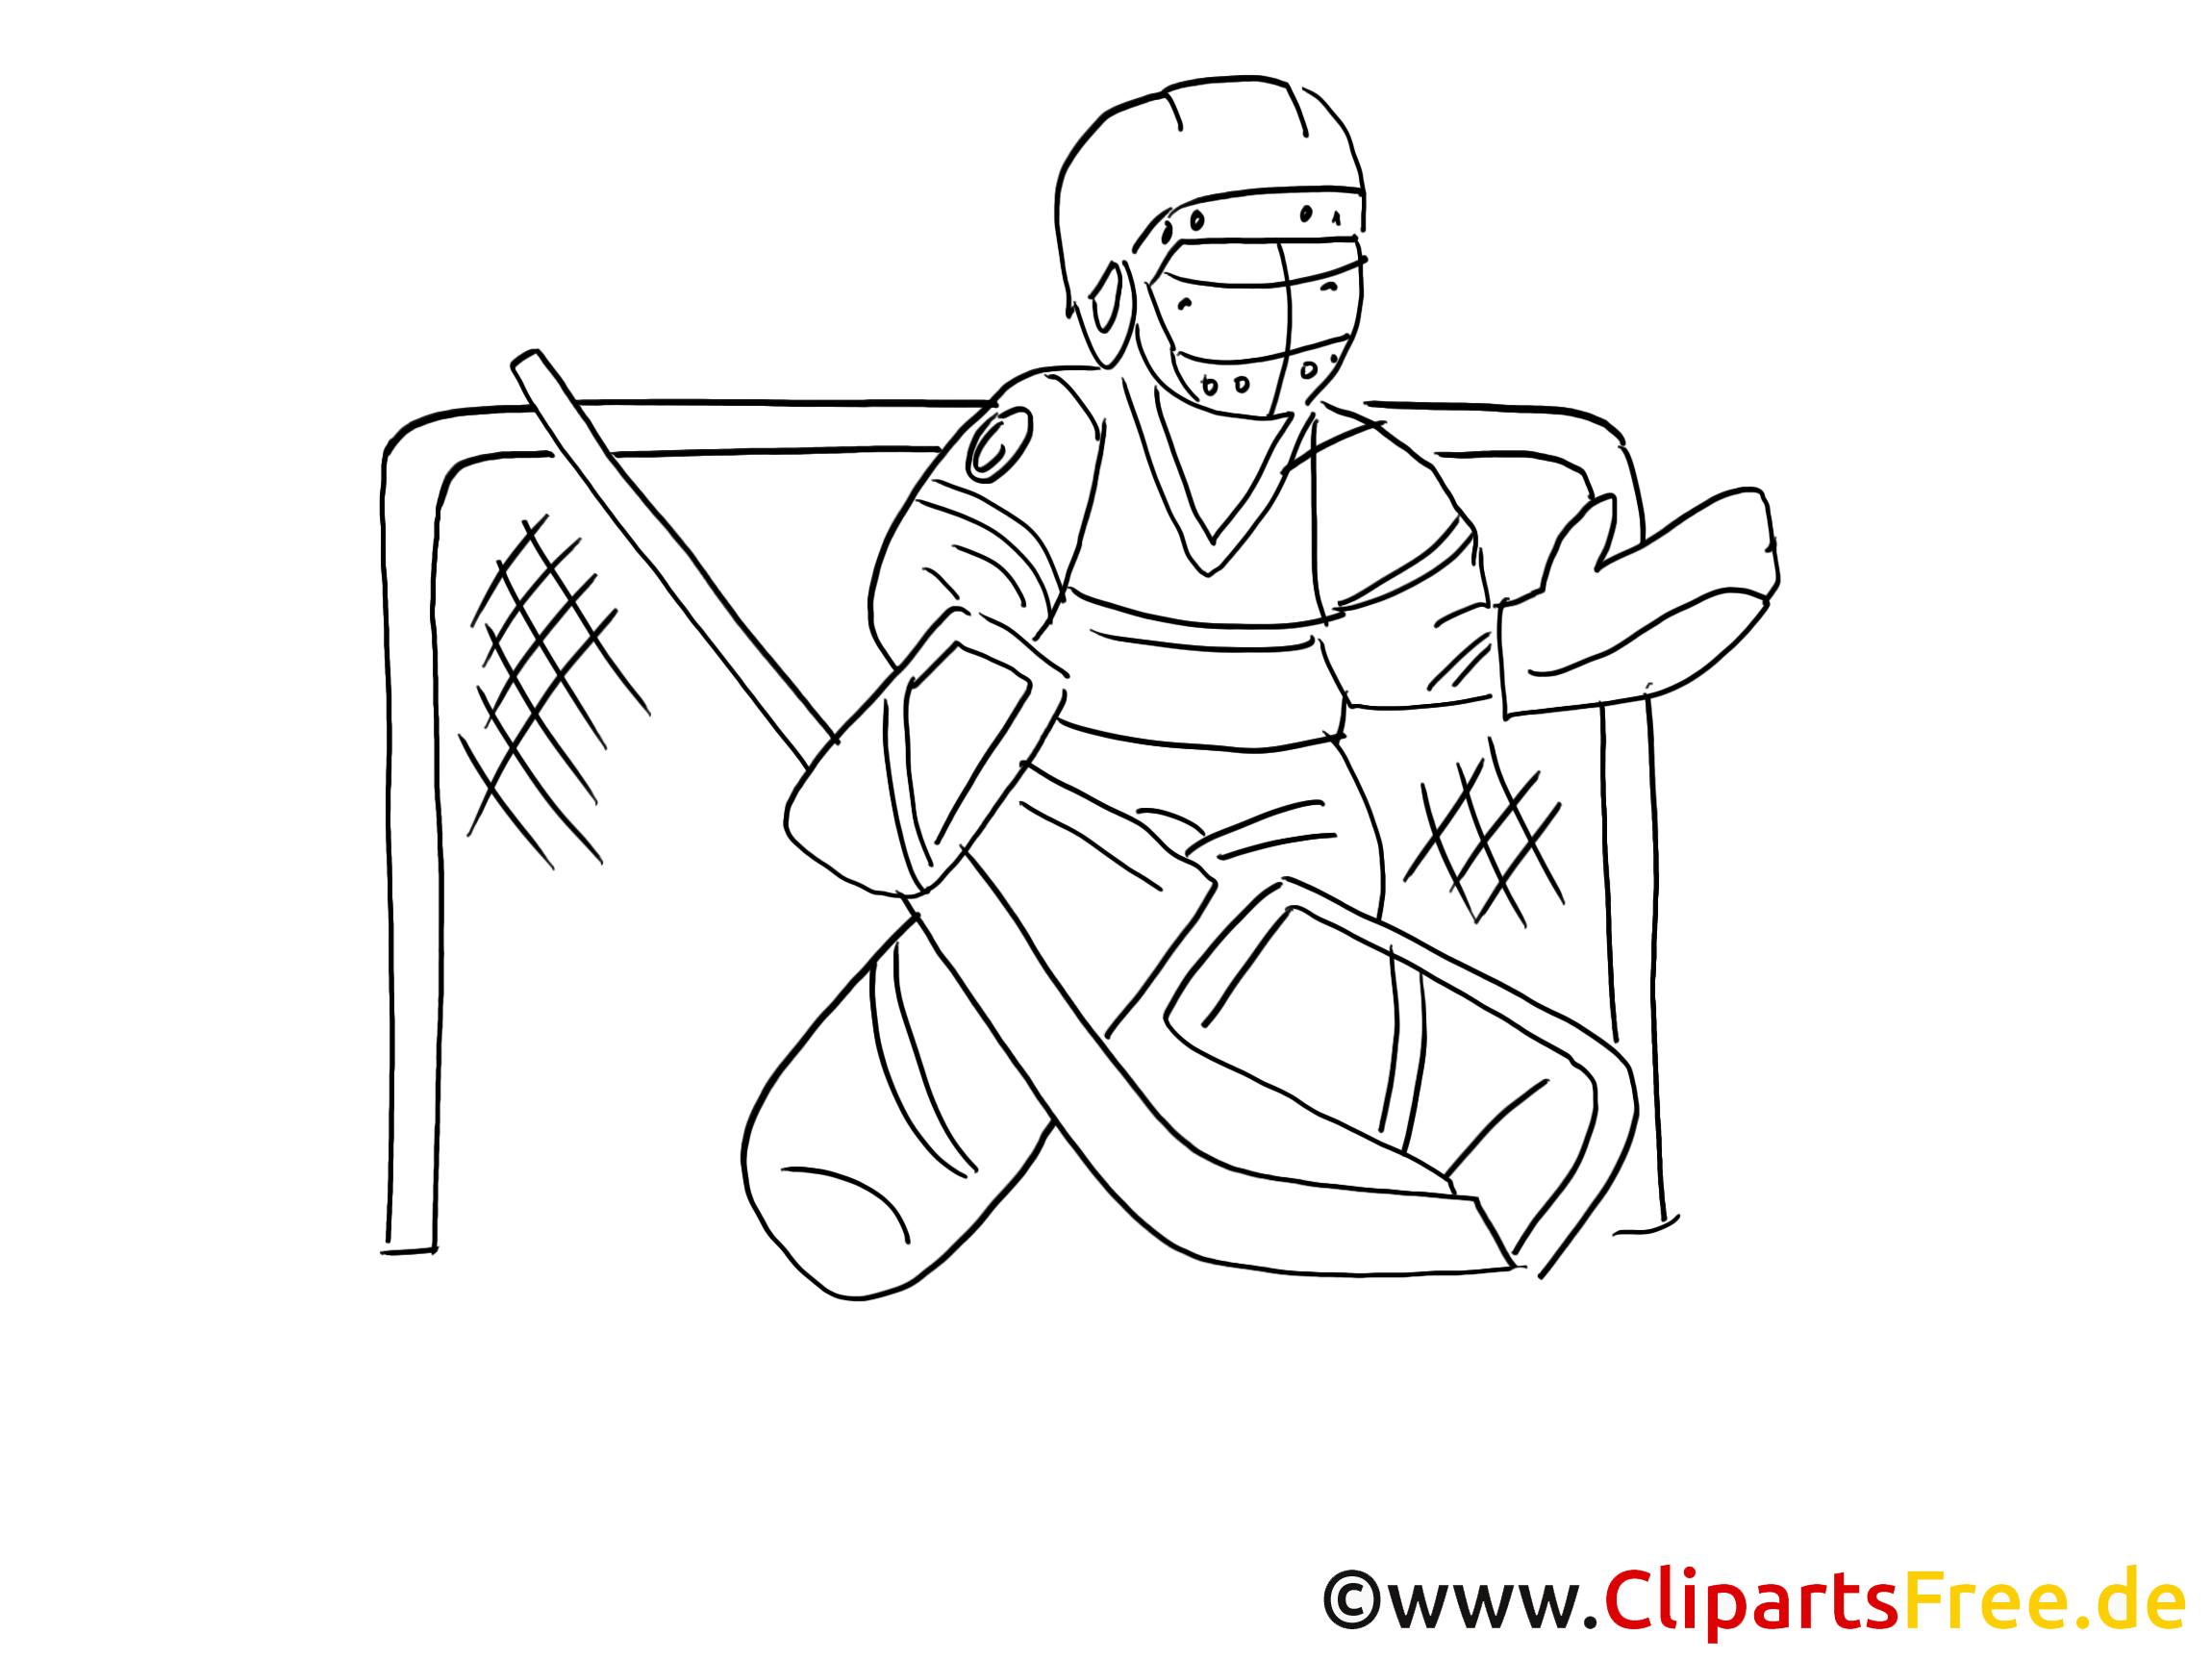 Eishockey Torwart Ausmalbild Gratis